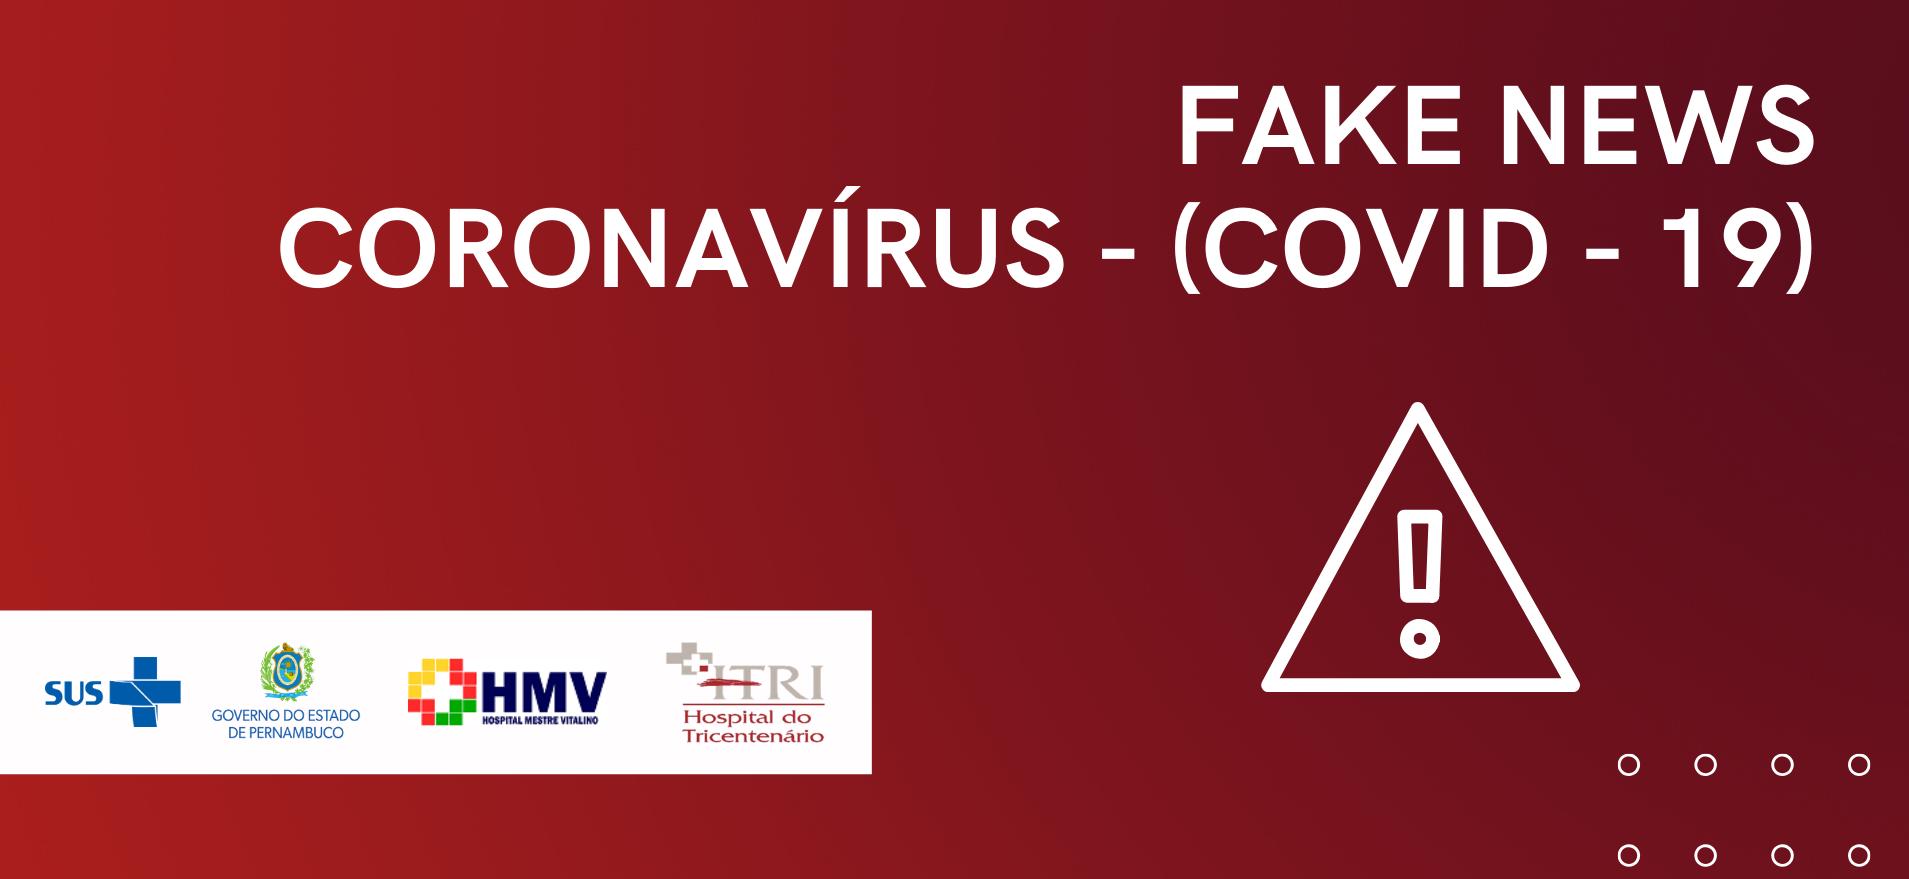 HMV alerta a população sobre FAKE NEWS